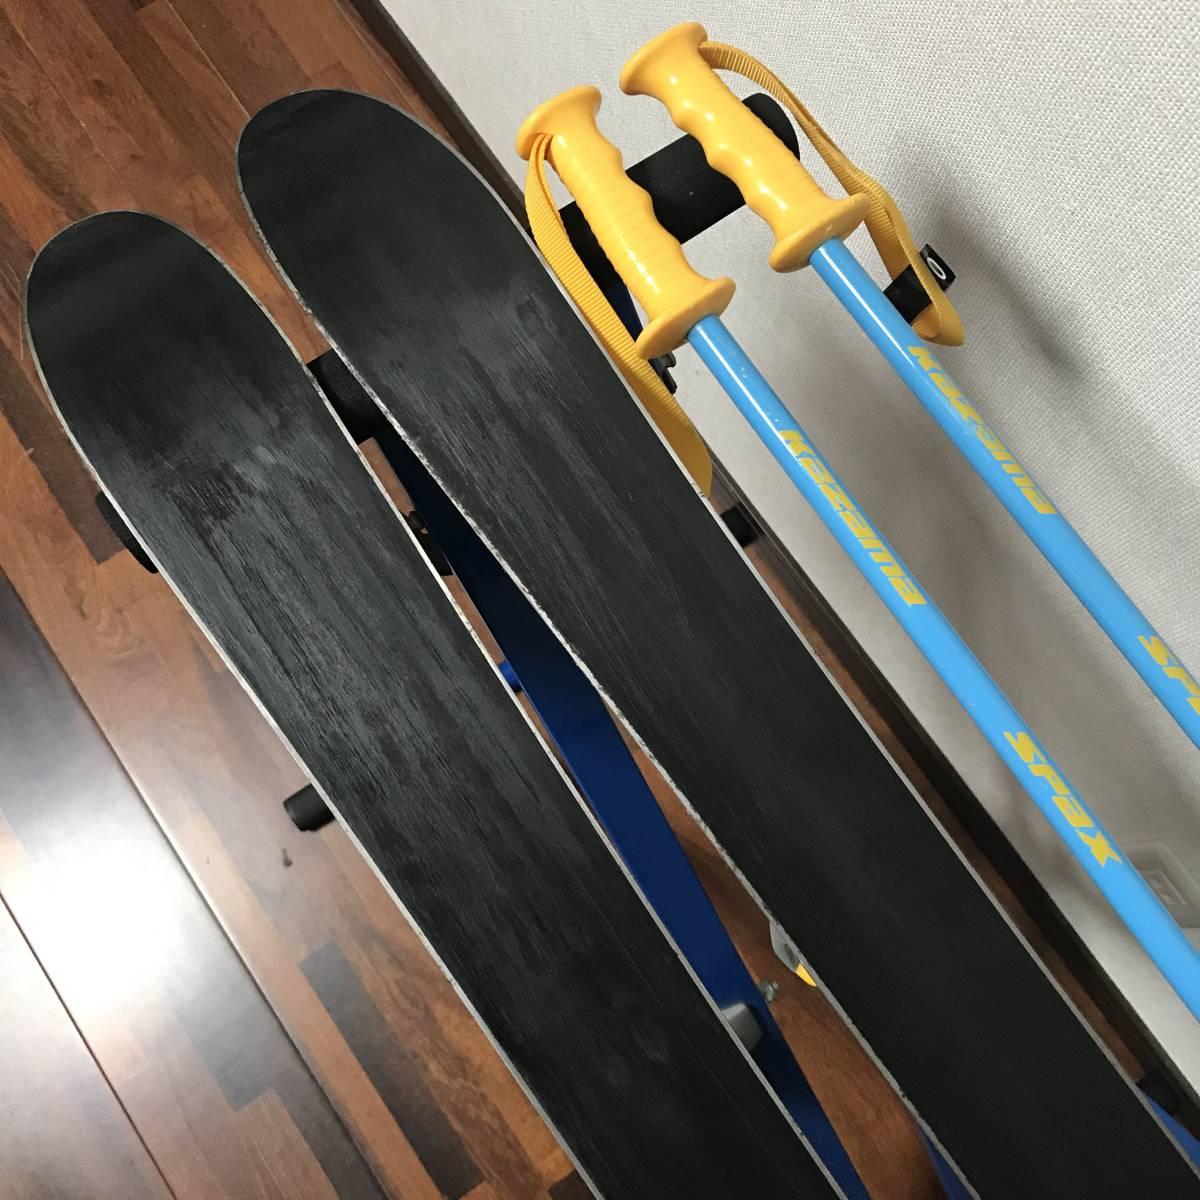 ジュニアスキーセット◆ケース付 KAZAMA 90cm ブーツ 17-18cm ポール 70cm キッズ 子供 ジュニア _画像6